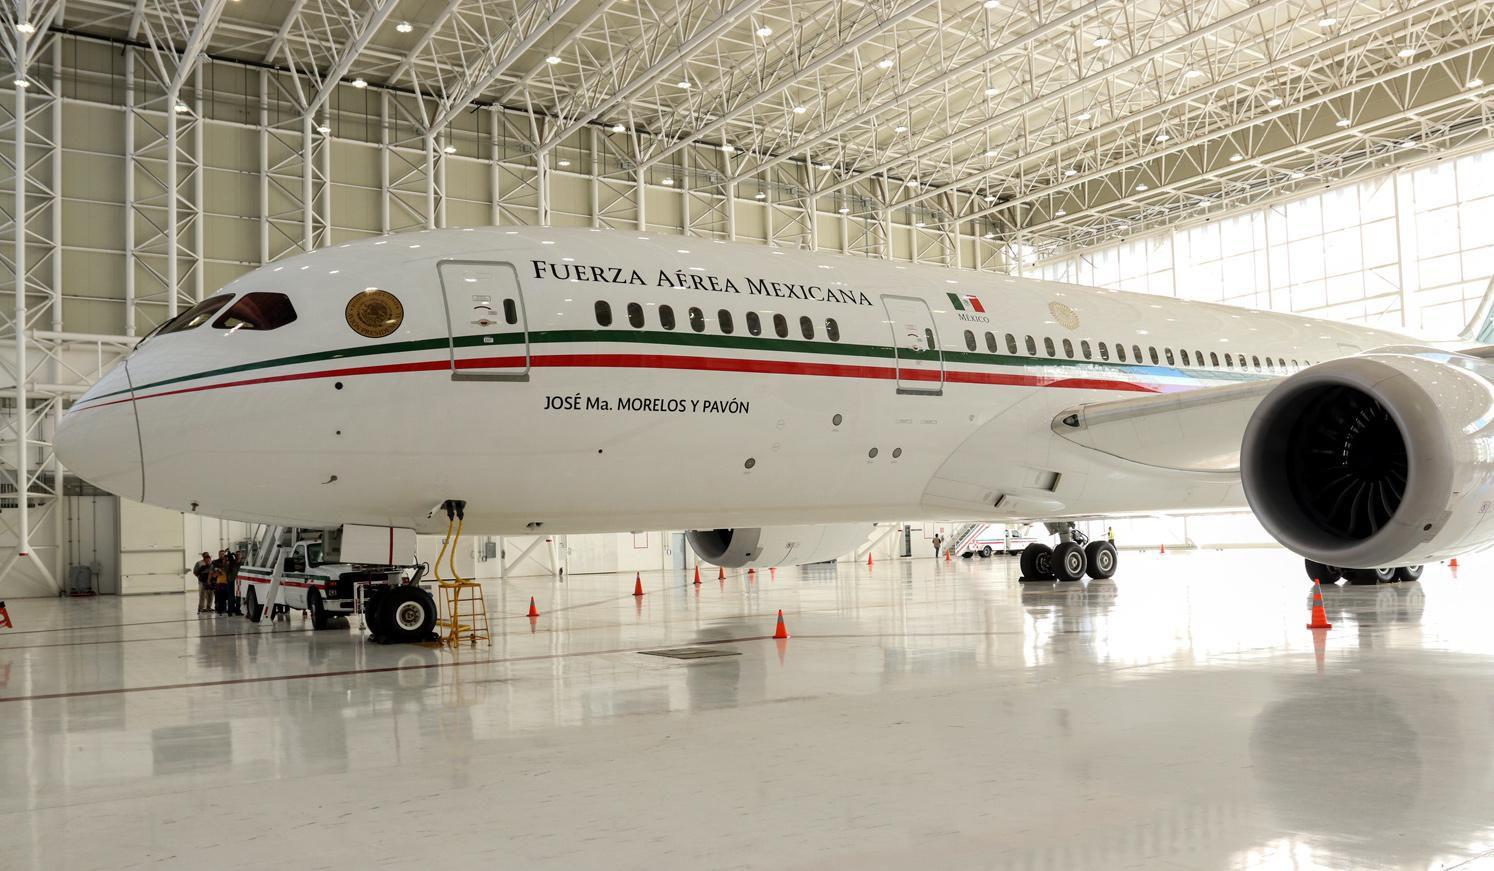 El avión Boeing 787-8 propiedad del gobierno de México fue puesto la venta.(AGENCIA REFORMA)